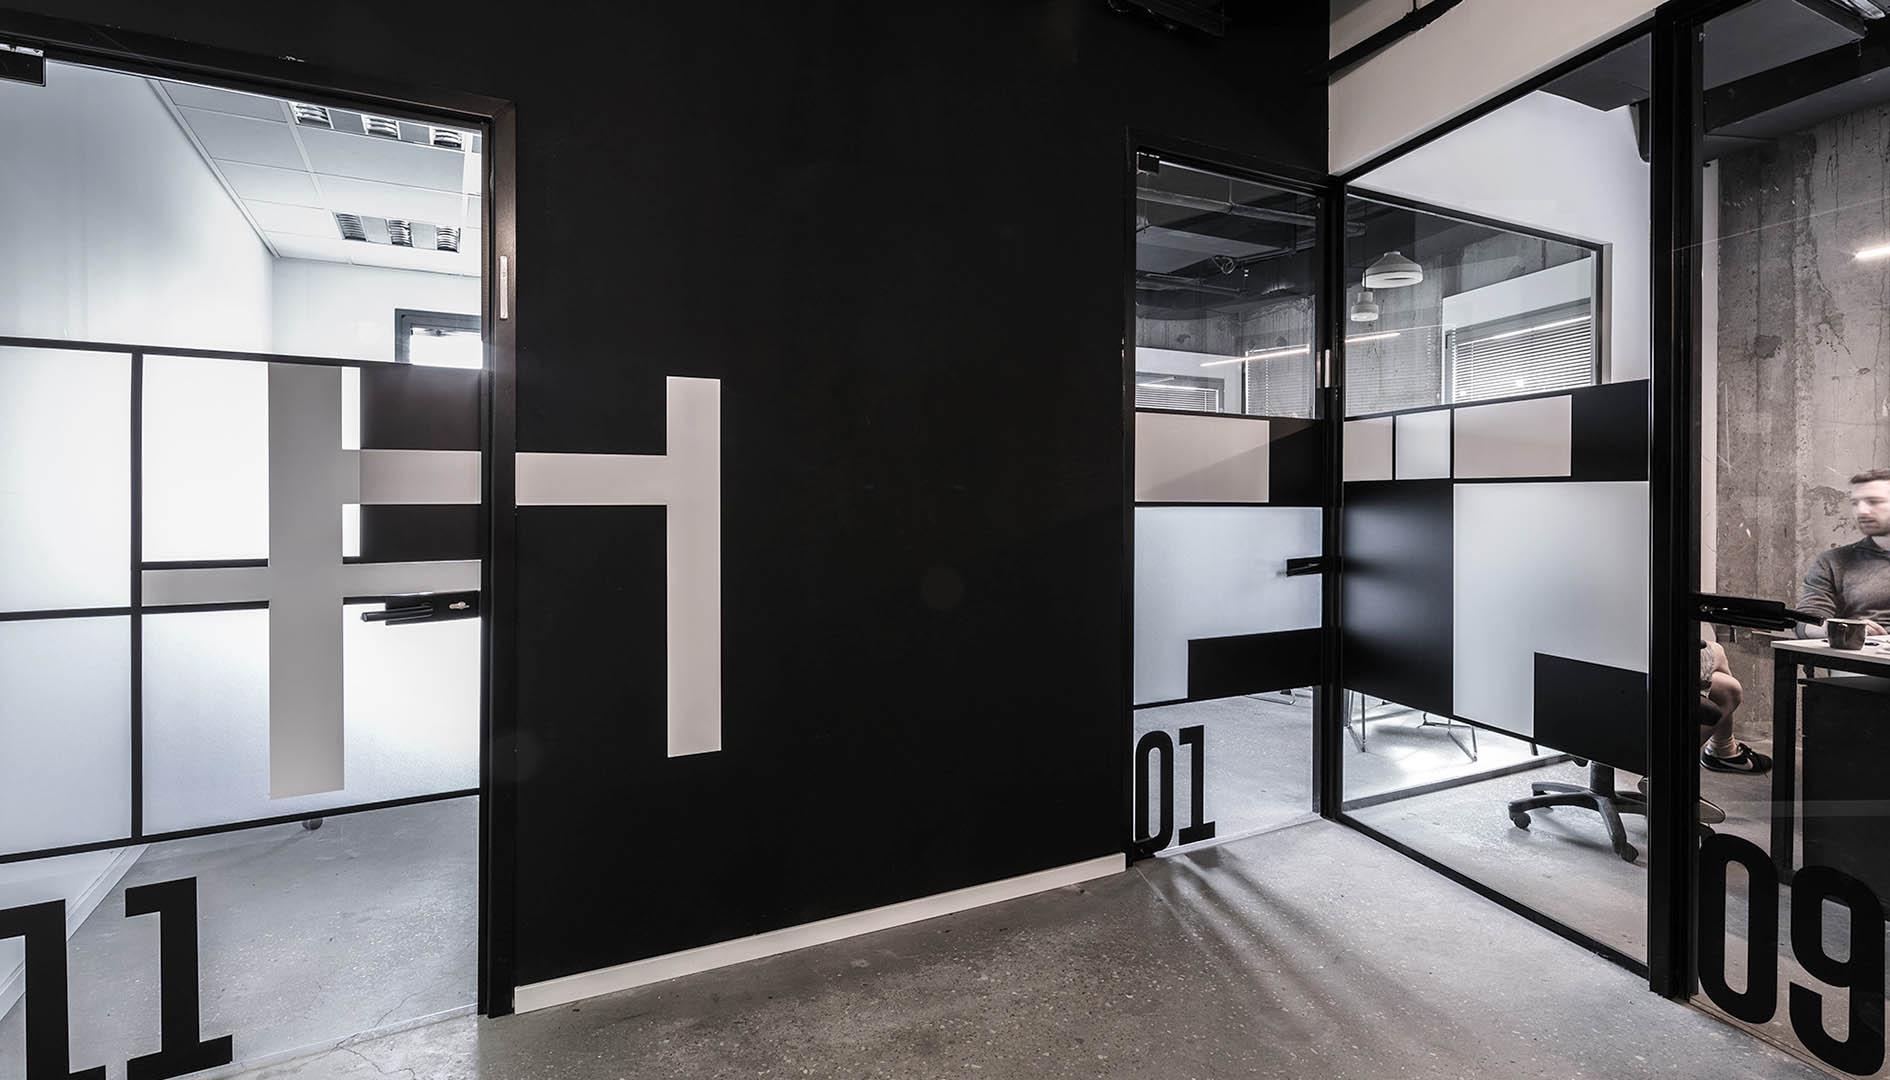 עיצוב משרדים | מיתוג גרפי | סטודיו לוקה| חברת Human X | עיצוב תעשיתי | עיצוב מוצר | עיצוב גרפי במרחב | מיתוג משרדים | עיצוב חללי עבודה | עיצוב קירות | עיצוב משרדים | מיתוג גרפי